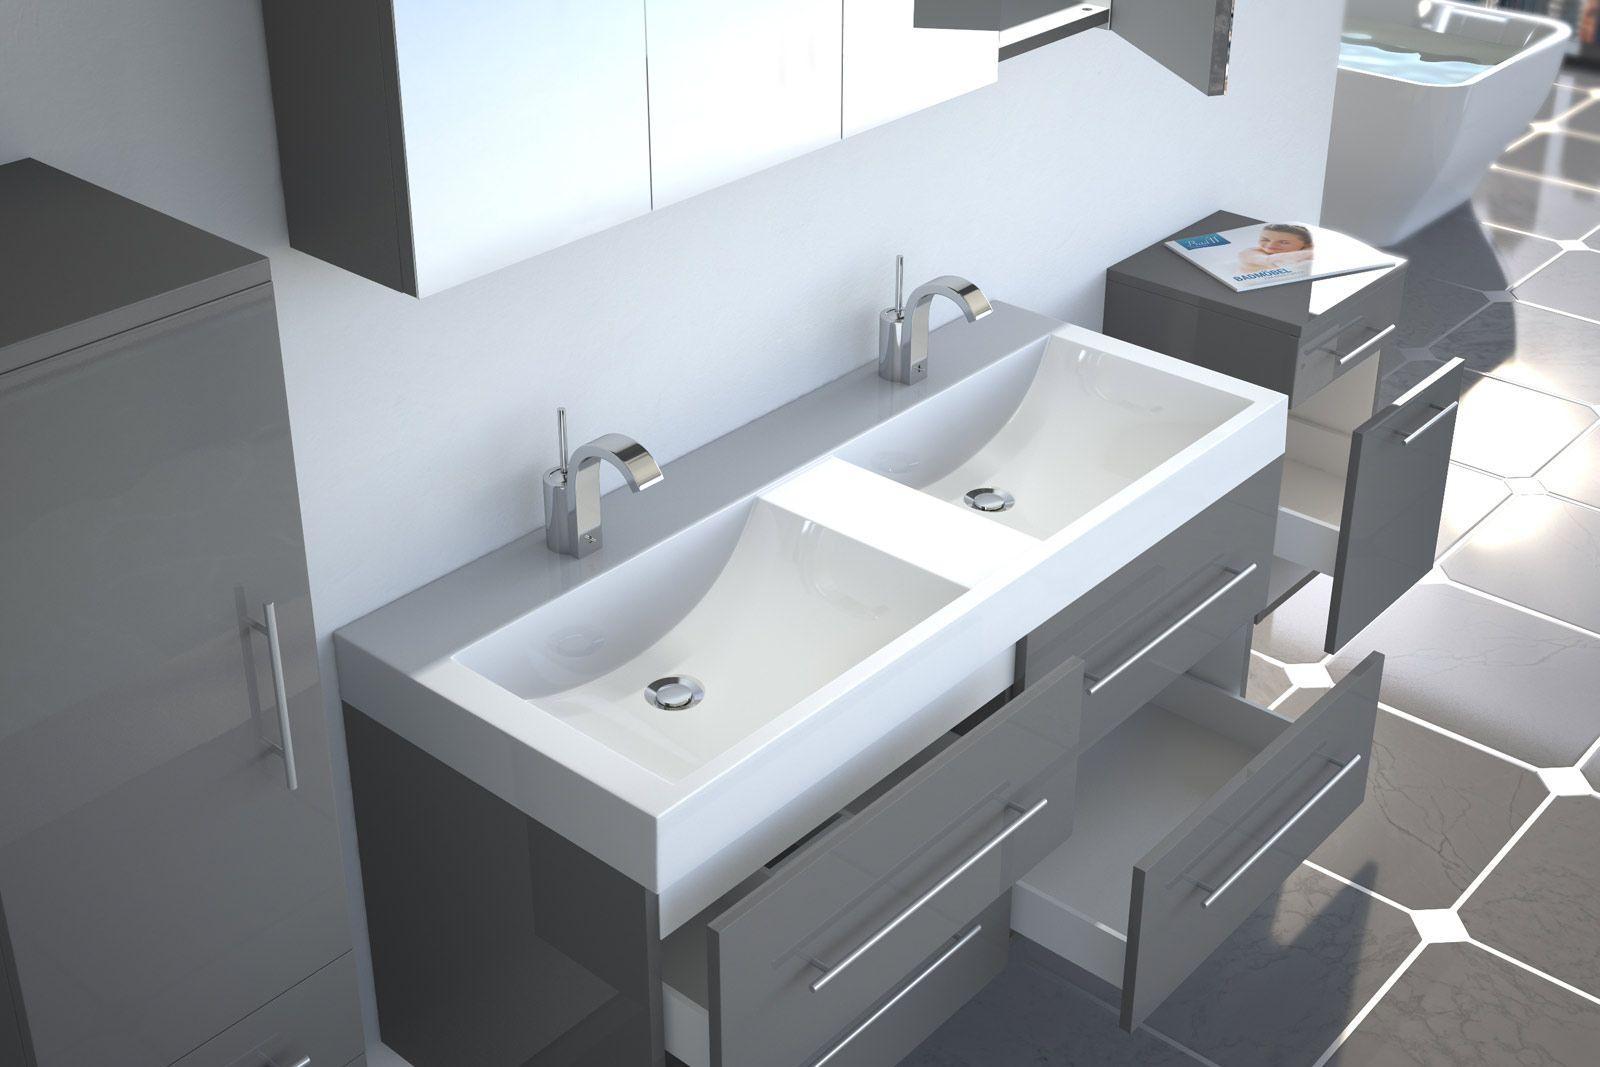 Tolle Doppelwaschbecken Doppelwaschbecken Waschbecken Badezimmerideen